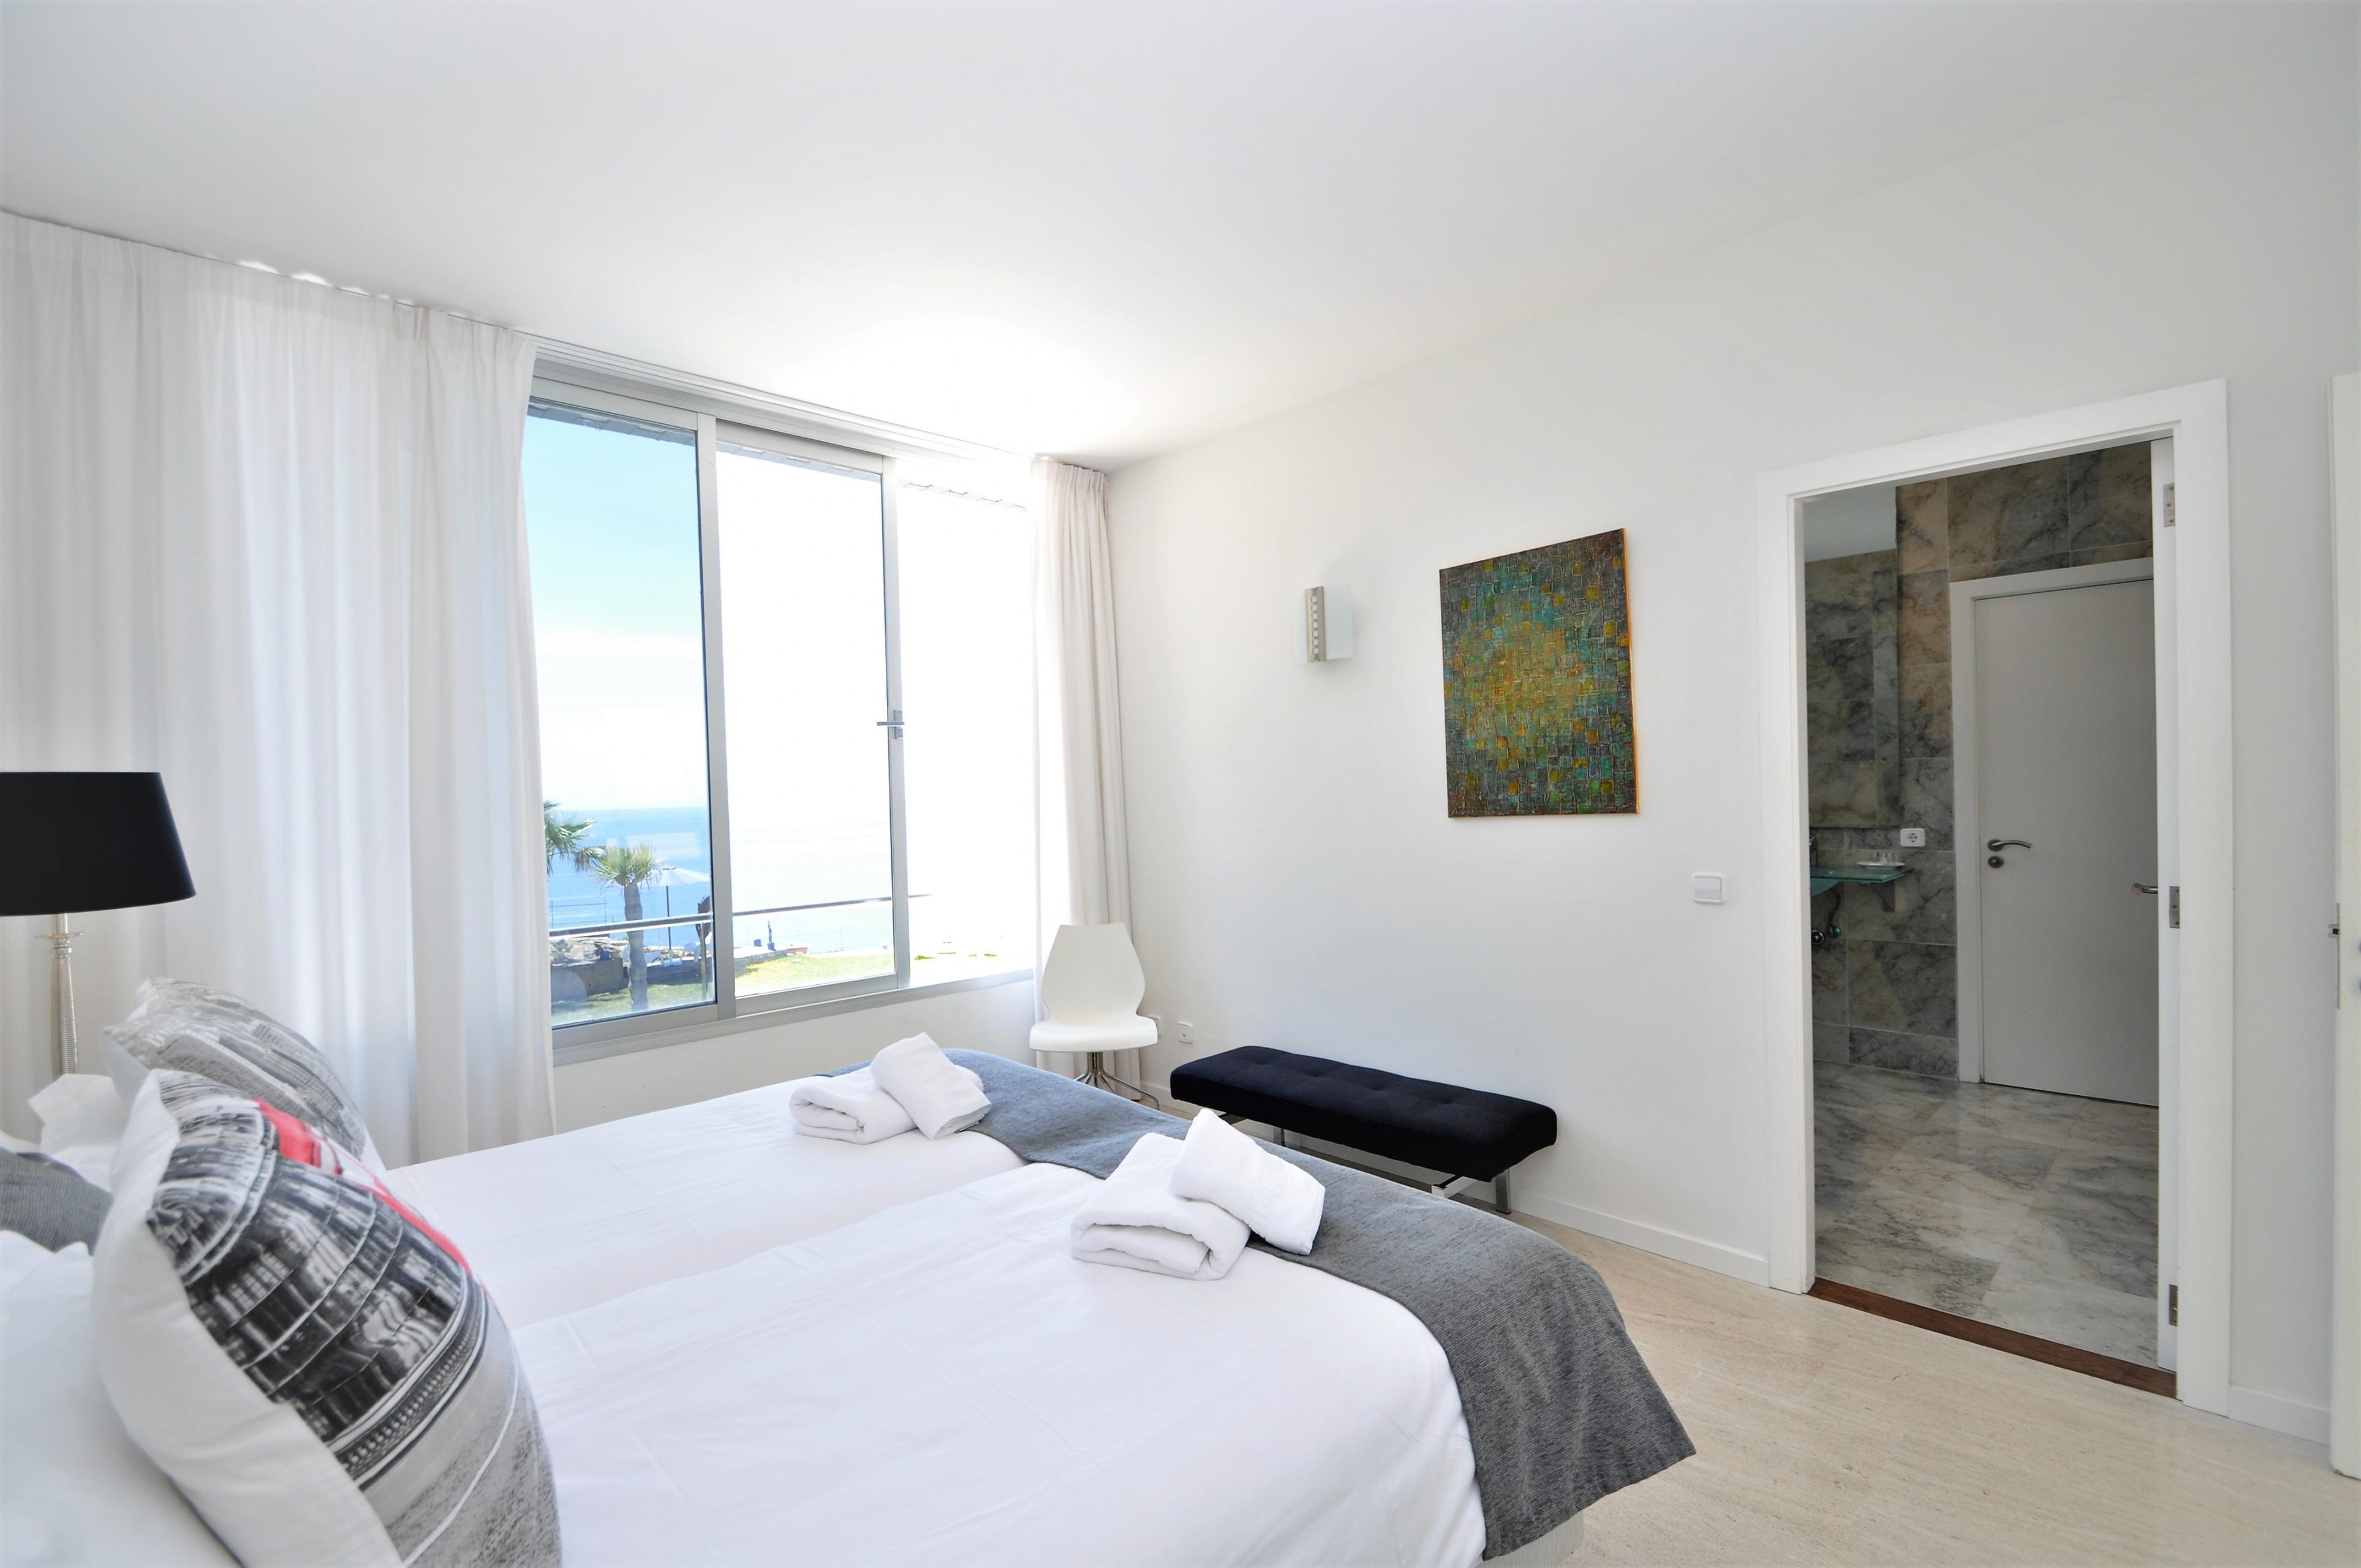 Maison de vacances VILLA BAY BLUE- Bahia Azul- Mallorca - VILLAONLINE - Kostenloses WLAN (2684052), Bahia Azul, Majorque, Iles Baléares, Espagne, image 44